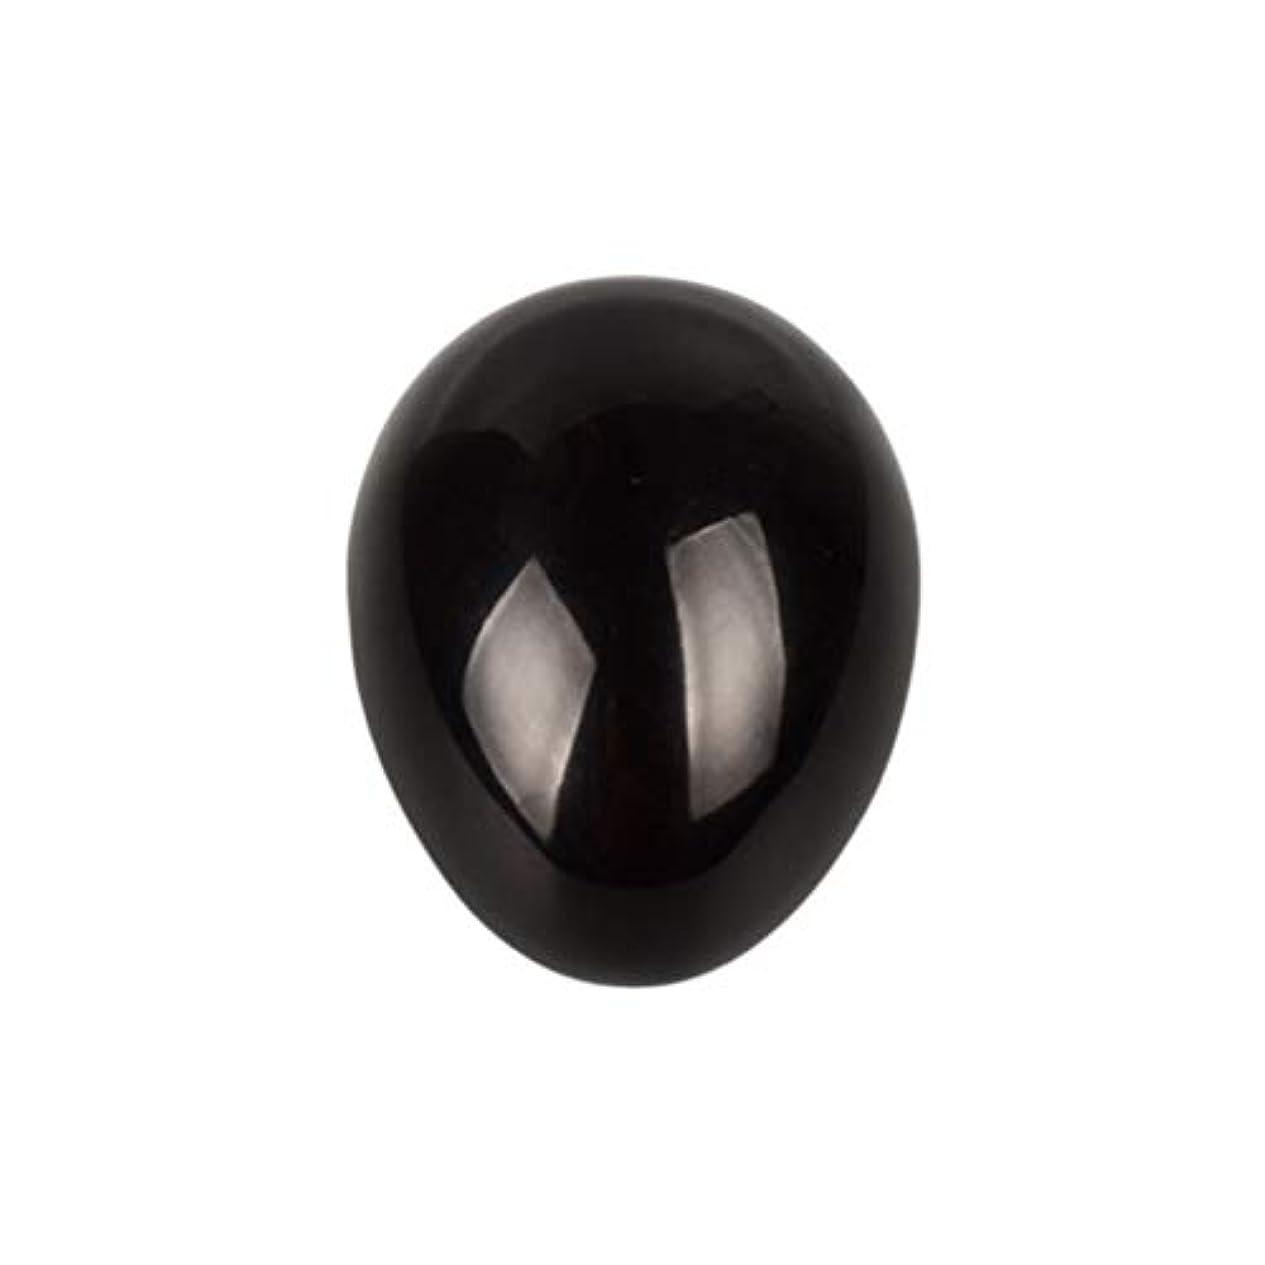 スーパーマーケットオアシス森HEALIFTY 黒曜石の癒し瞑想のための黒曜石の卵球